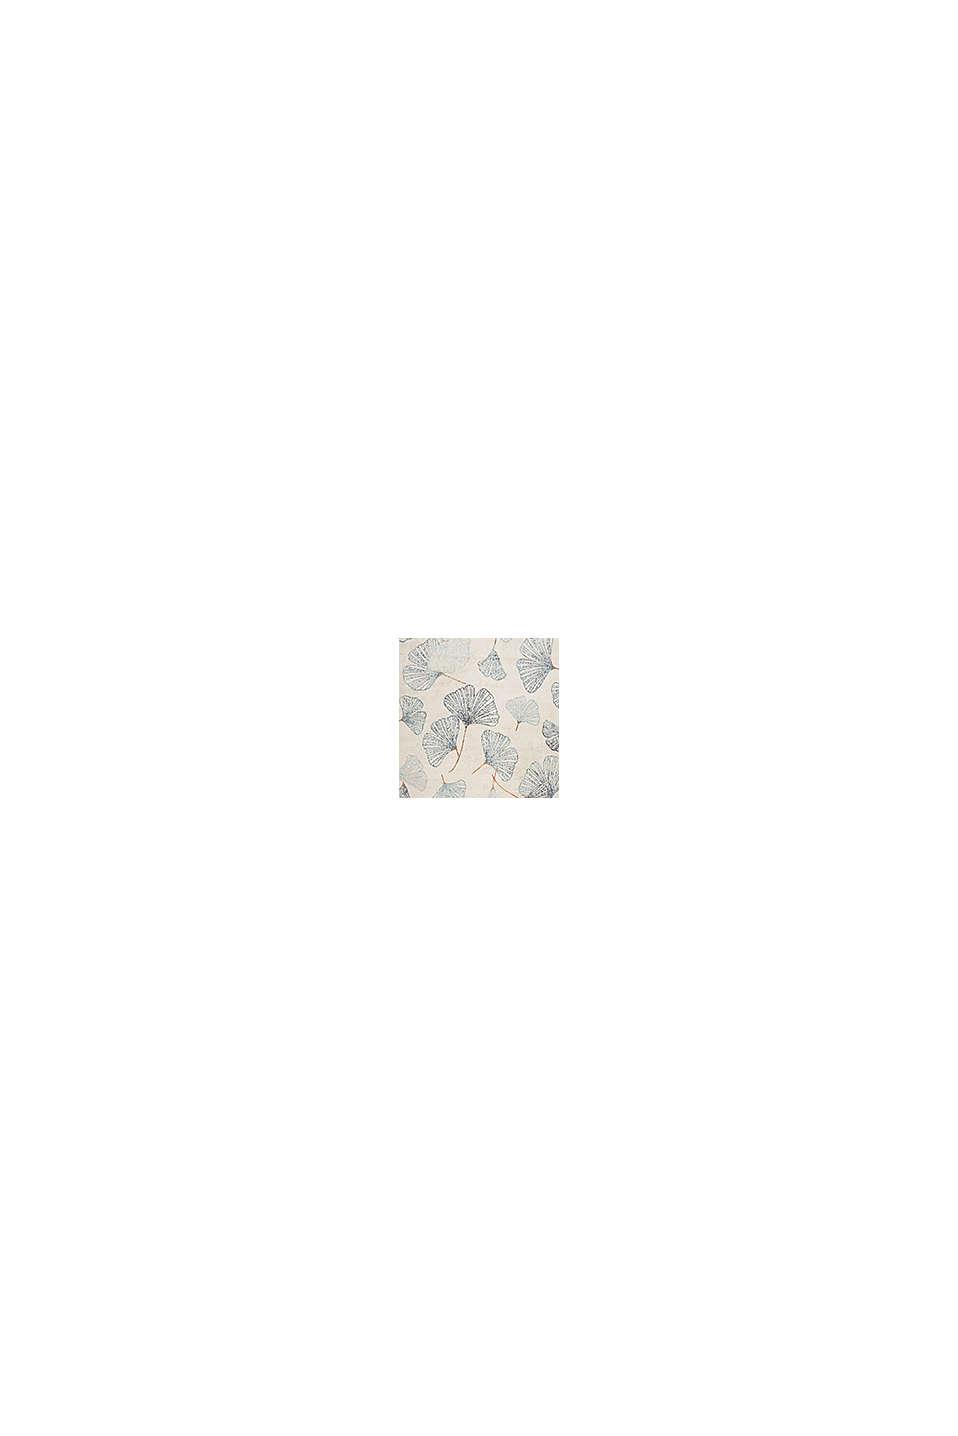 Kurzflor-Teppich mit Ginko-Blättern, LIGHT BEIGE, swatch